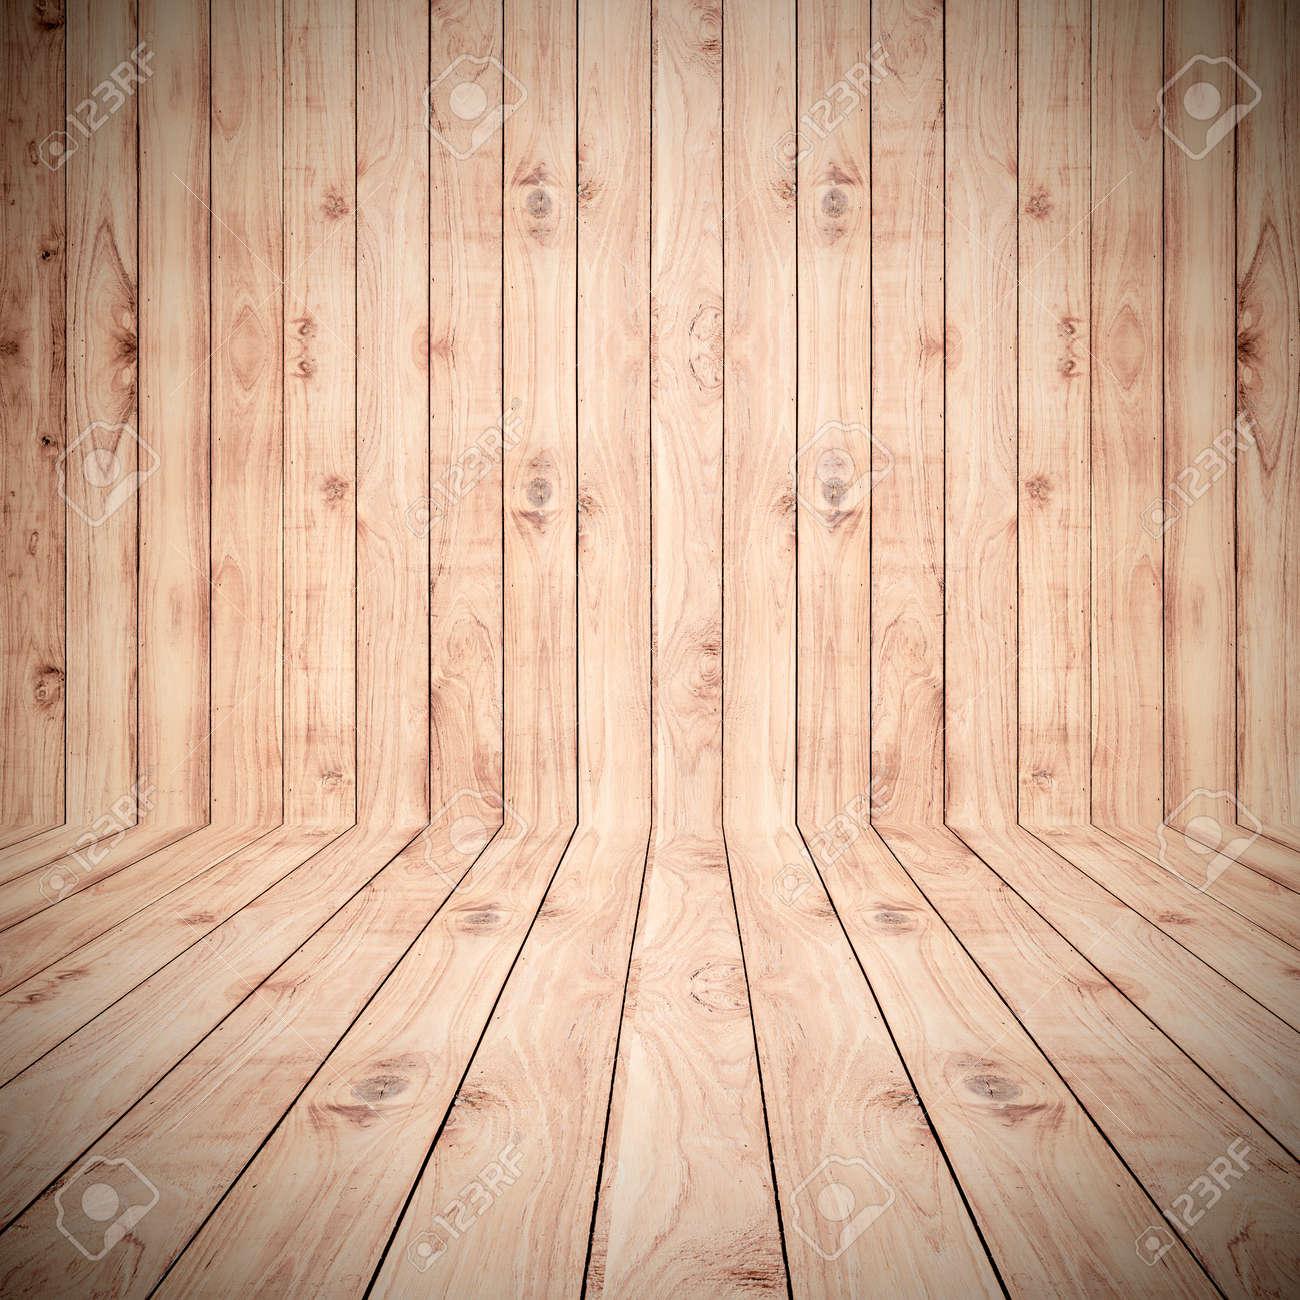 Holzdielen textur  Brown Holzdielen Boden-Textur Und Hintergrundbild Lizenzfreie ...